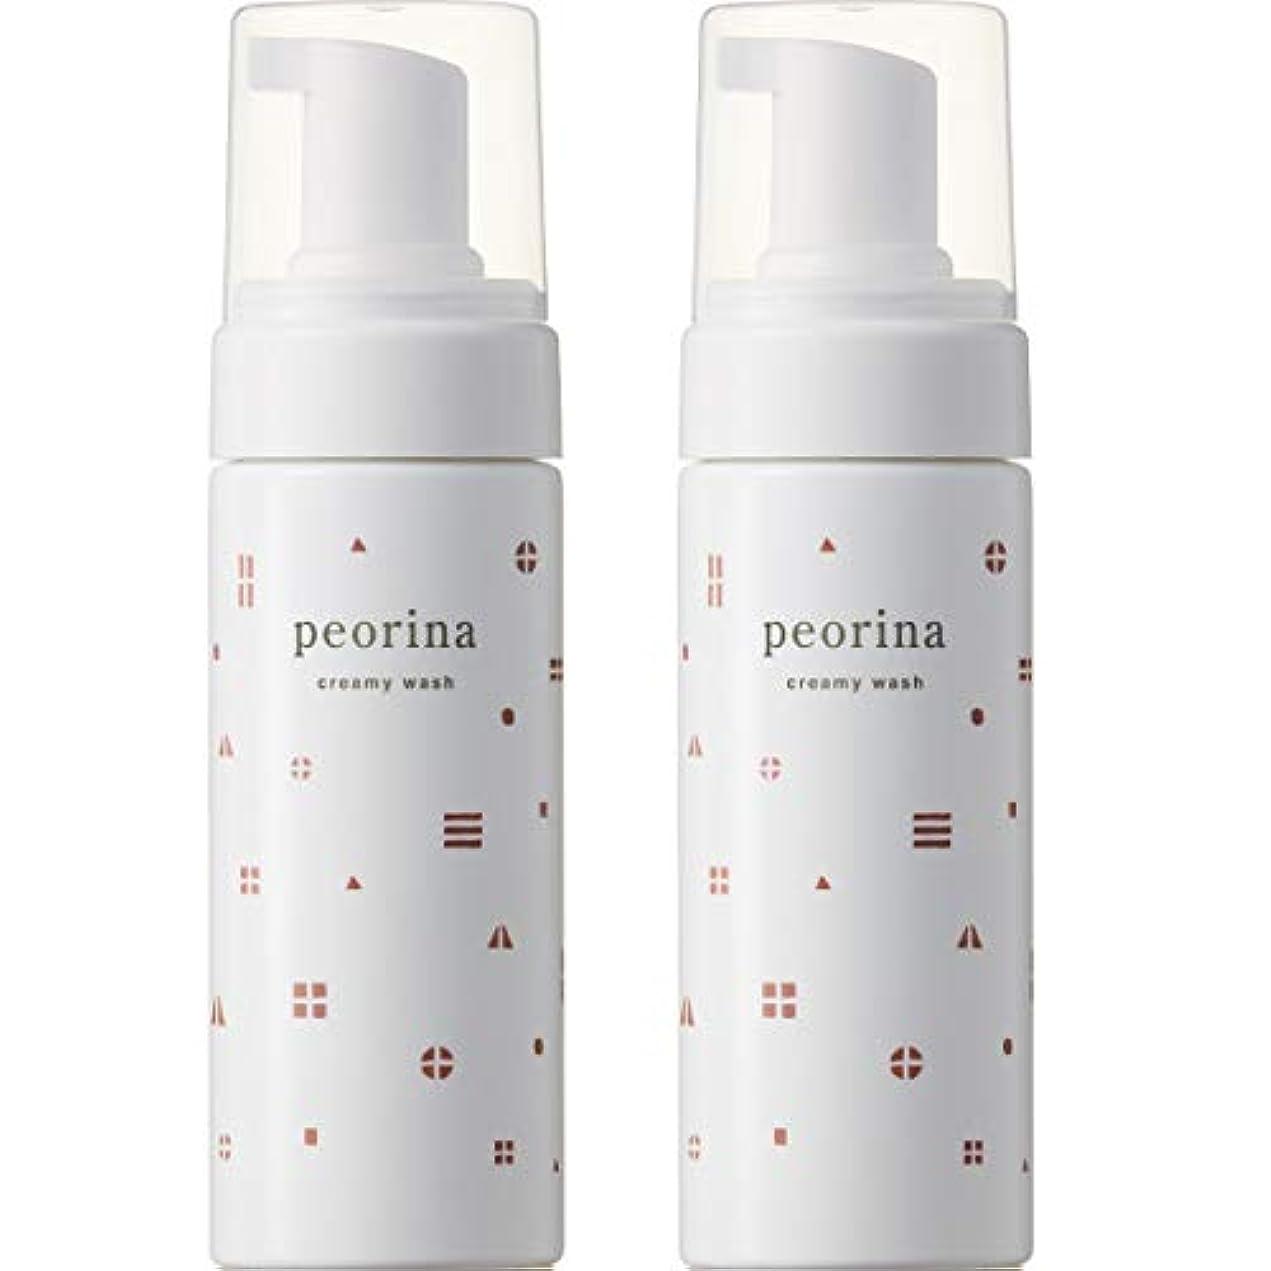 まばたき医療の付けるピオリナ クリーミーウォッシュ 2個セット 泡洗顔料 スキンケア 美肌 高保湿 セラミド 乾燥肌 敏感肌 ニキビ 赤ら顔 ヒト型セラミド